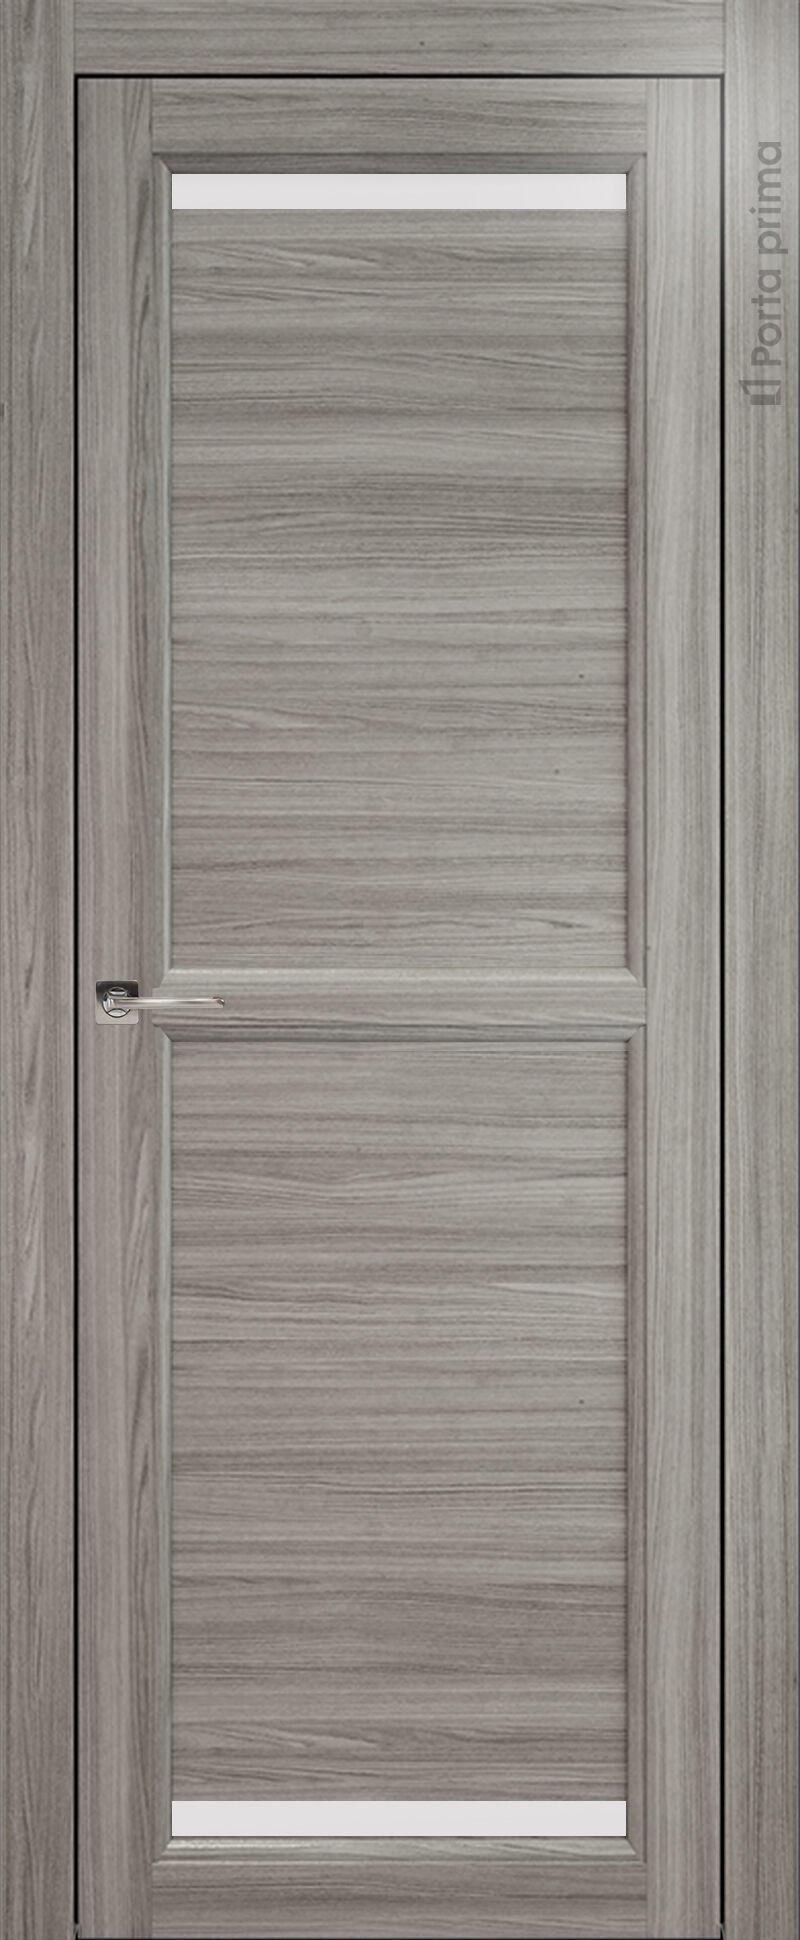 Sorrento-R Г1 цвет - Орех пепельный Без стекла (ДГ)